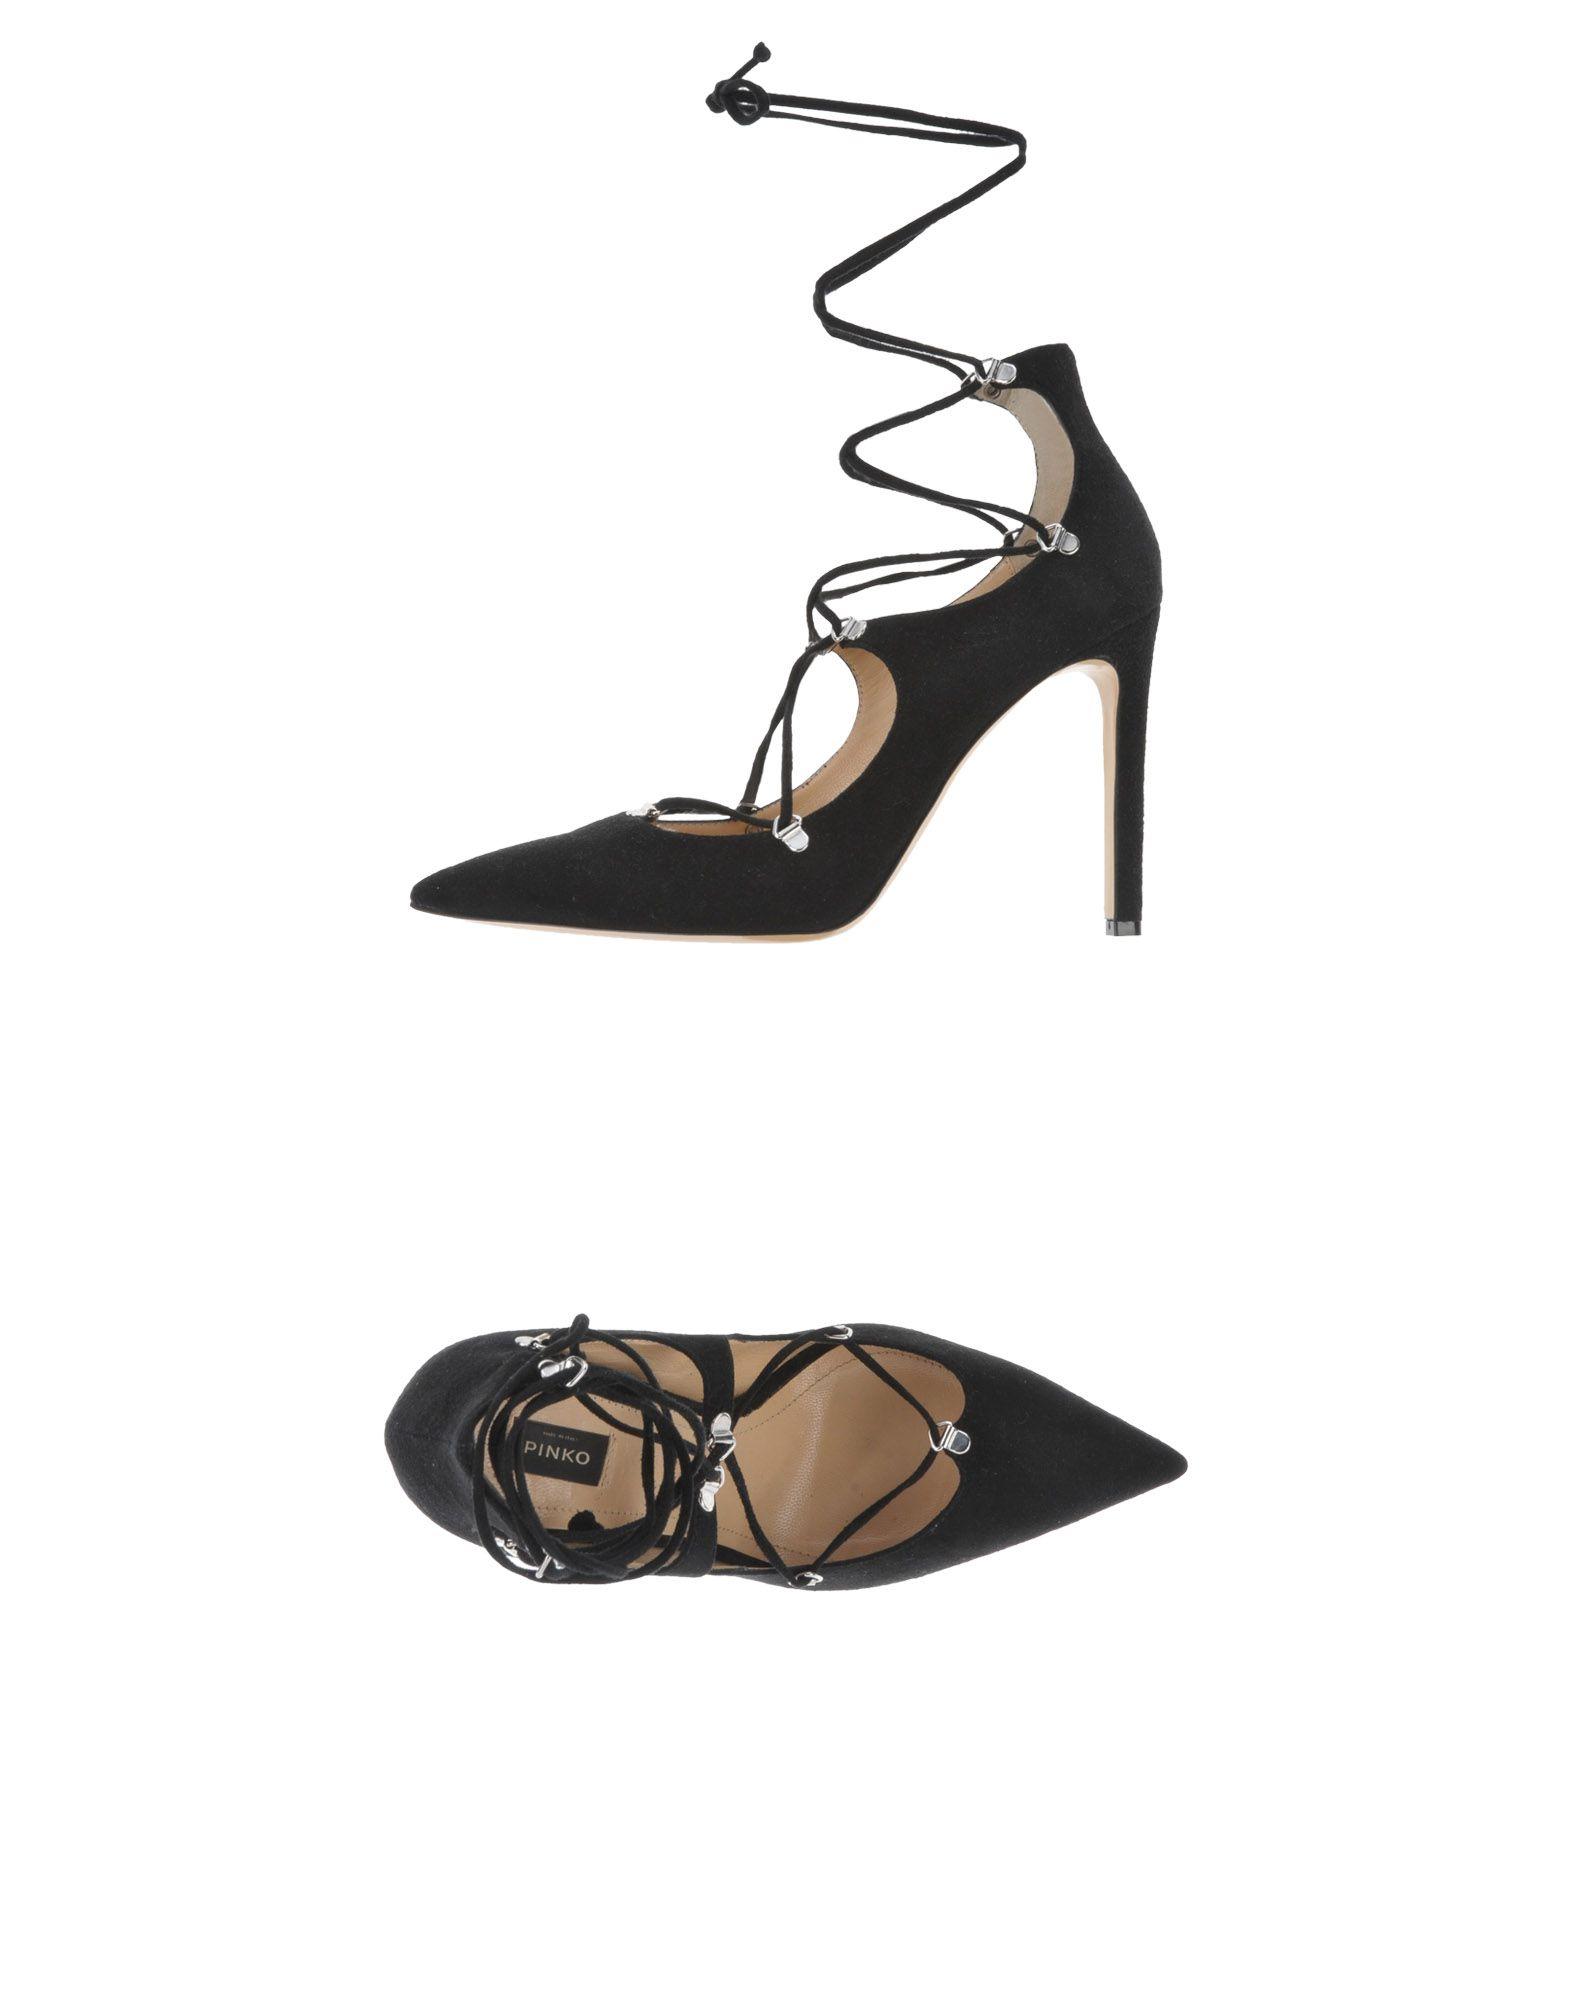 Sandali Manas offerte Donna - 11111592MD Nuove offerte Manas e scarpe comode 07e1b9